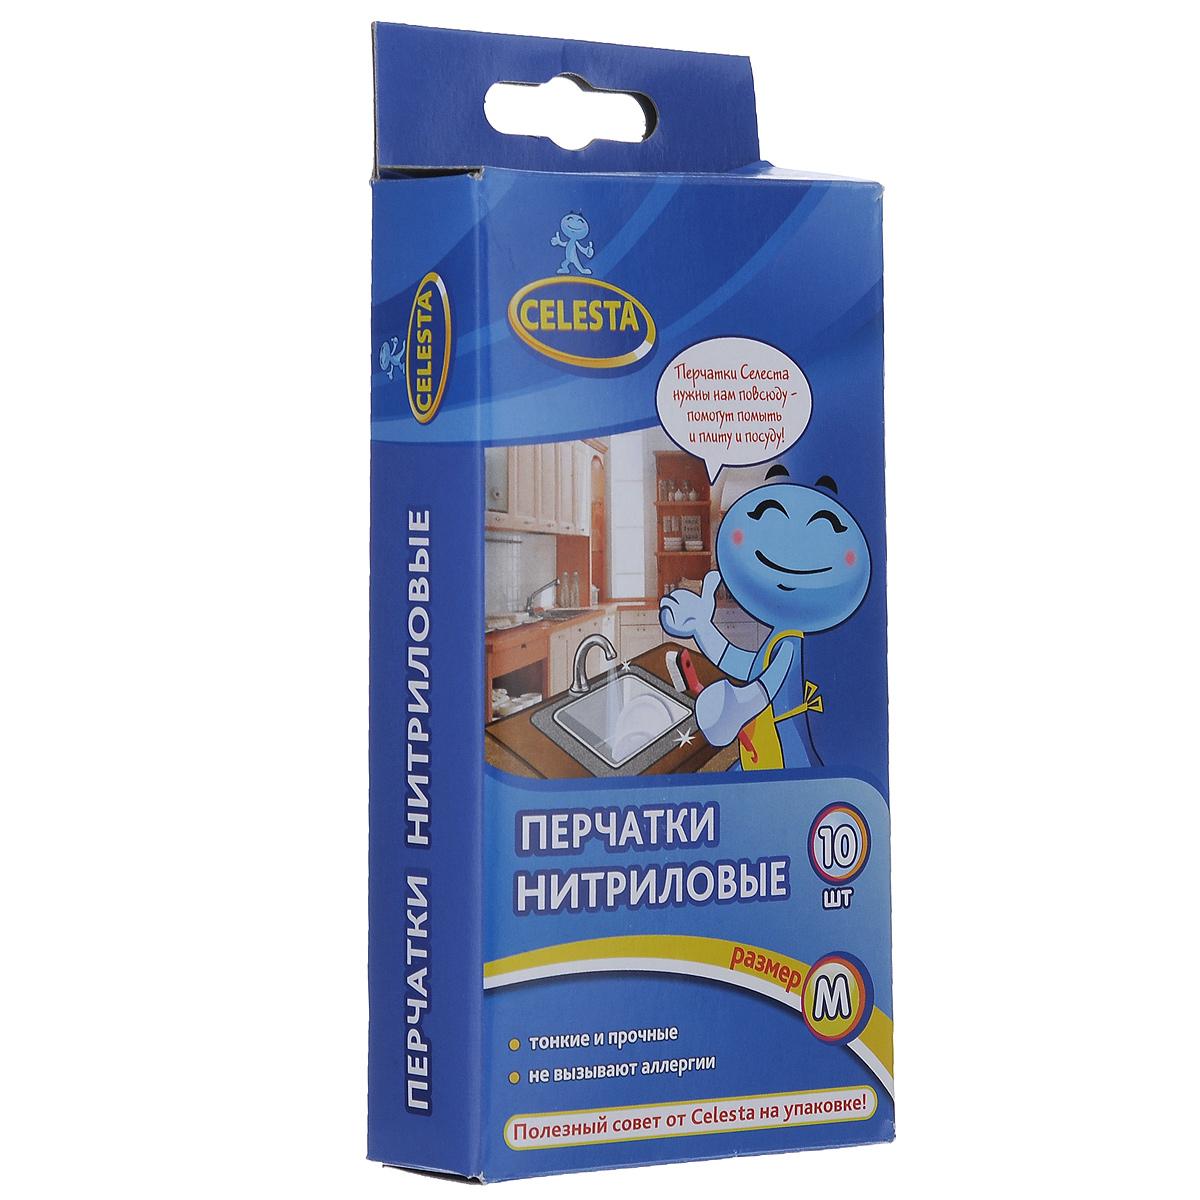 Перчатки хозяйственные Celesta, нитриловые, 10 шт. Размер M531-402Нитриловые перчатки Celesta эластичные, прочные и тонкие, что обеспечивает высокую чувствительность. Не содержат тальк и латекс, не вызывают аллергии. Обладают хорошими защитными свойствами. Перчатки идеально подходят для различных хозяйственных работ: для уборки, мытья посуды, приготовления пищи. Нитриловые перчатки незаменимы при проведении косметических процедур.Комплектация: 5 пар.